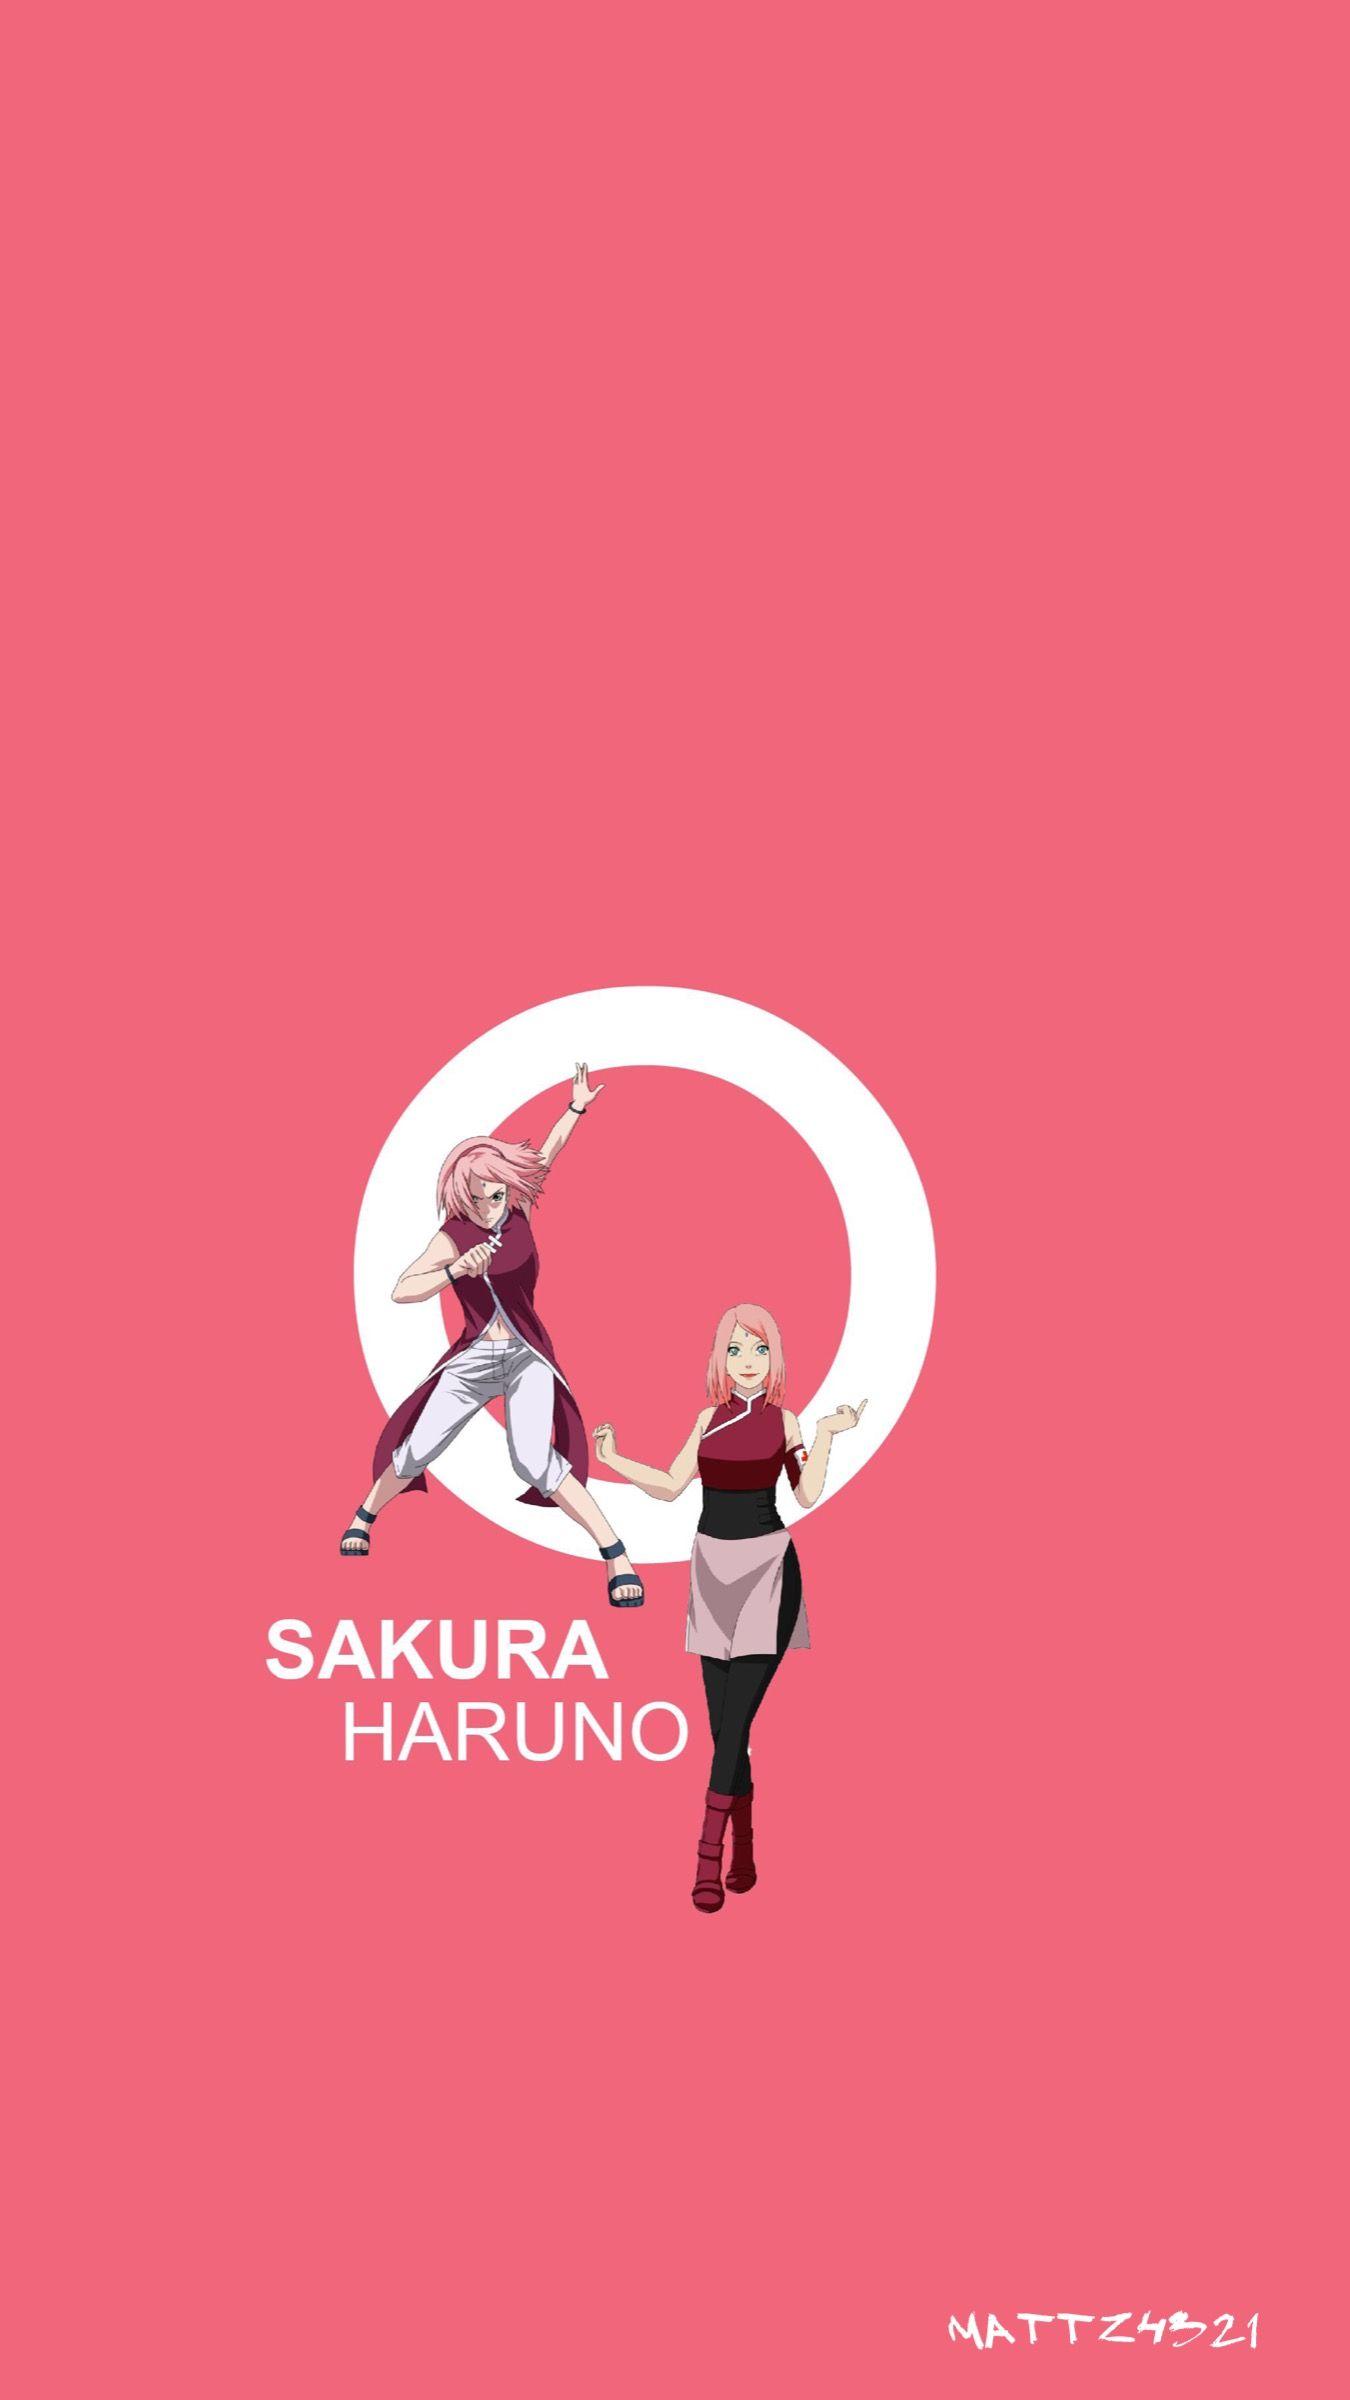 Naruto Iphone Wallpaper Naruto Sakura Shippuden Narutoshippuden Sakura Haruno Iphone Wallpaper Sakura